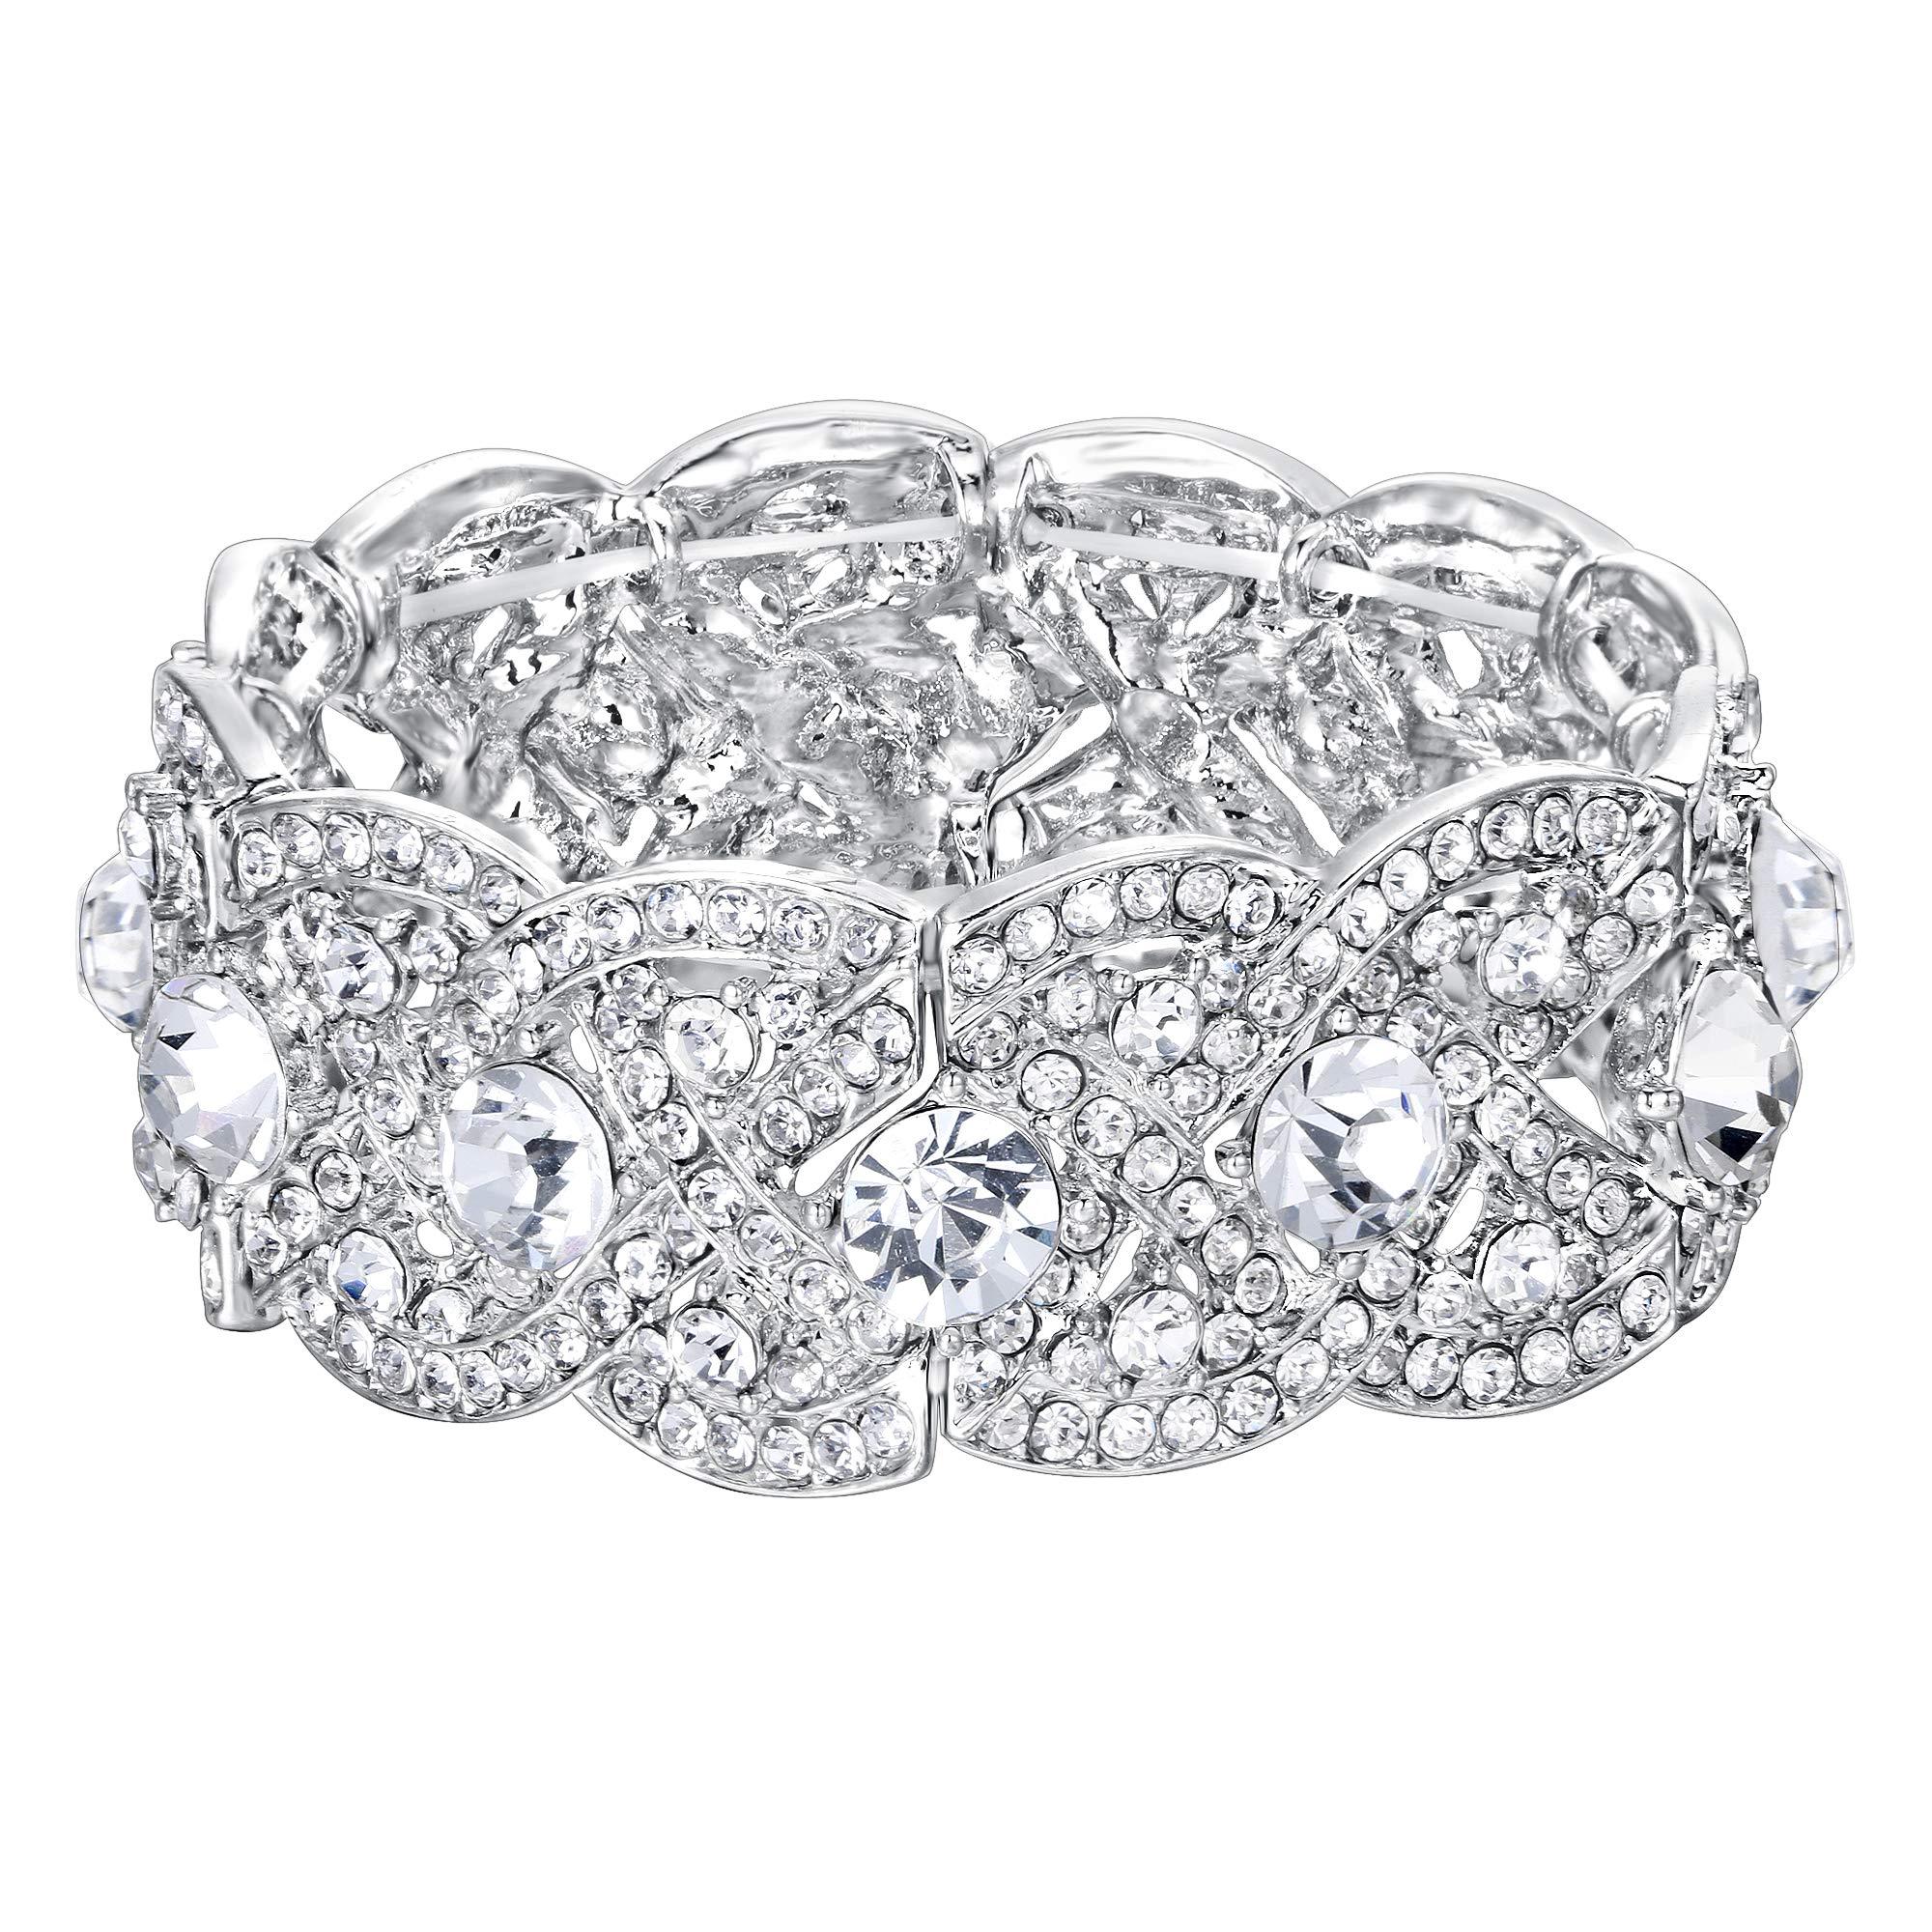 EVER FAITH Austrian Crystal Wedding Art Deco Elastic Stretch Bracelet Clear Silver-Tone by EVER FAITH